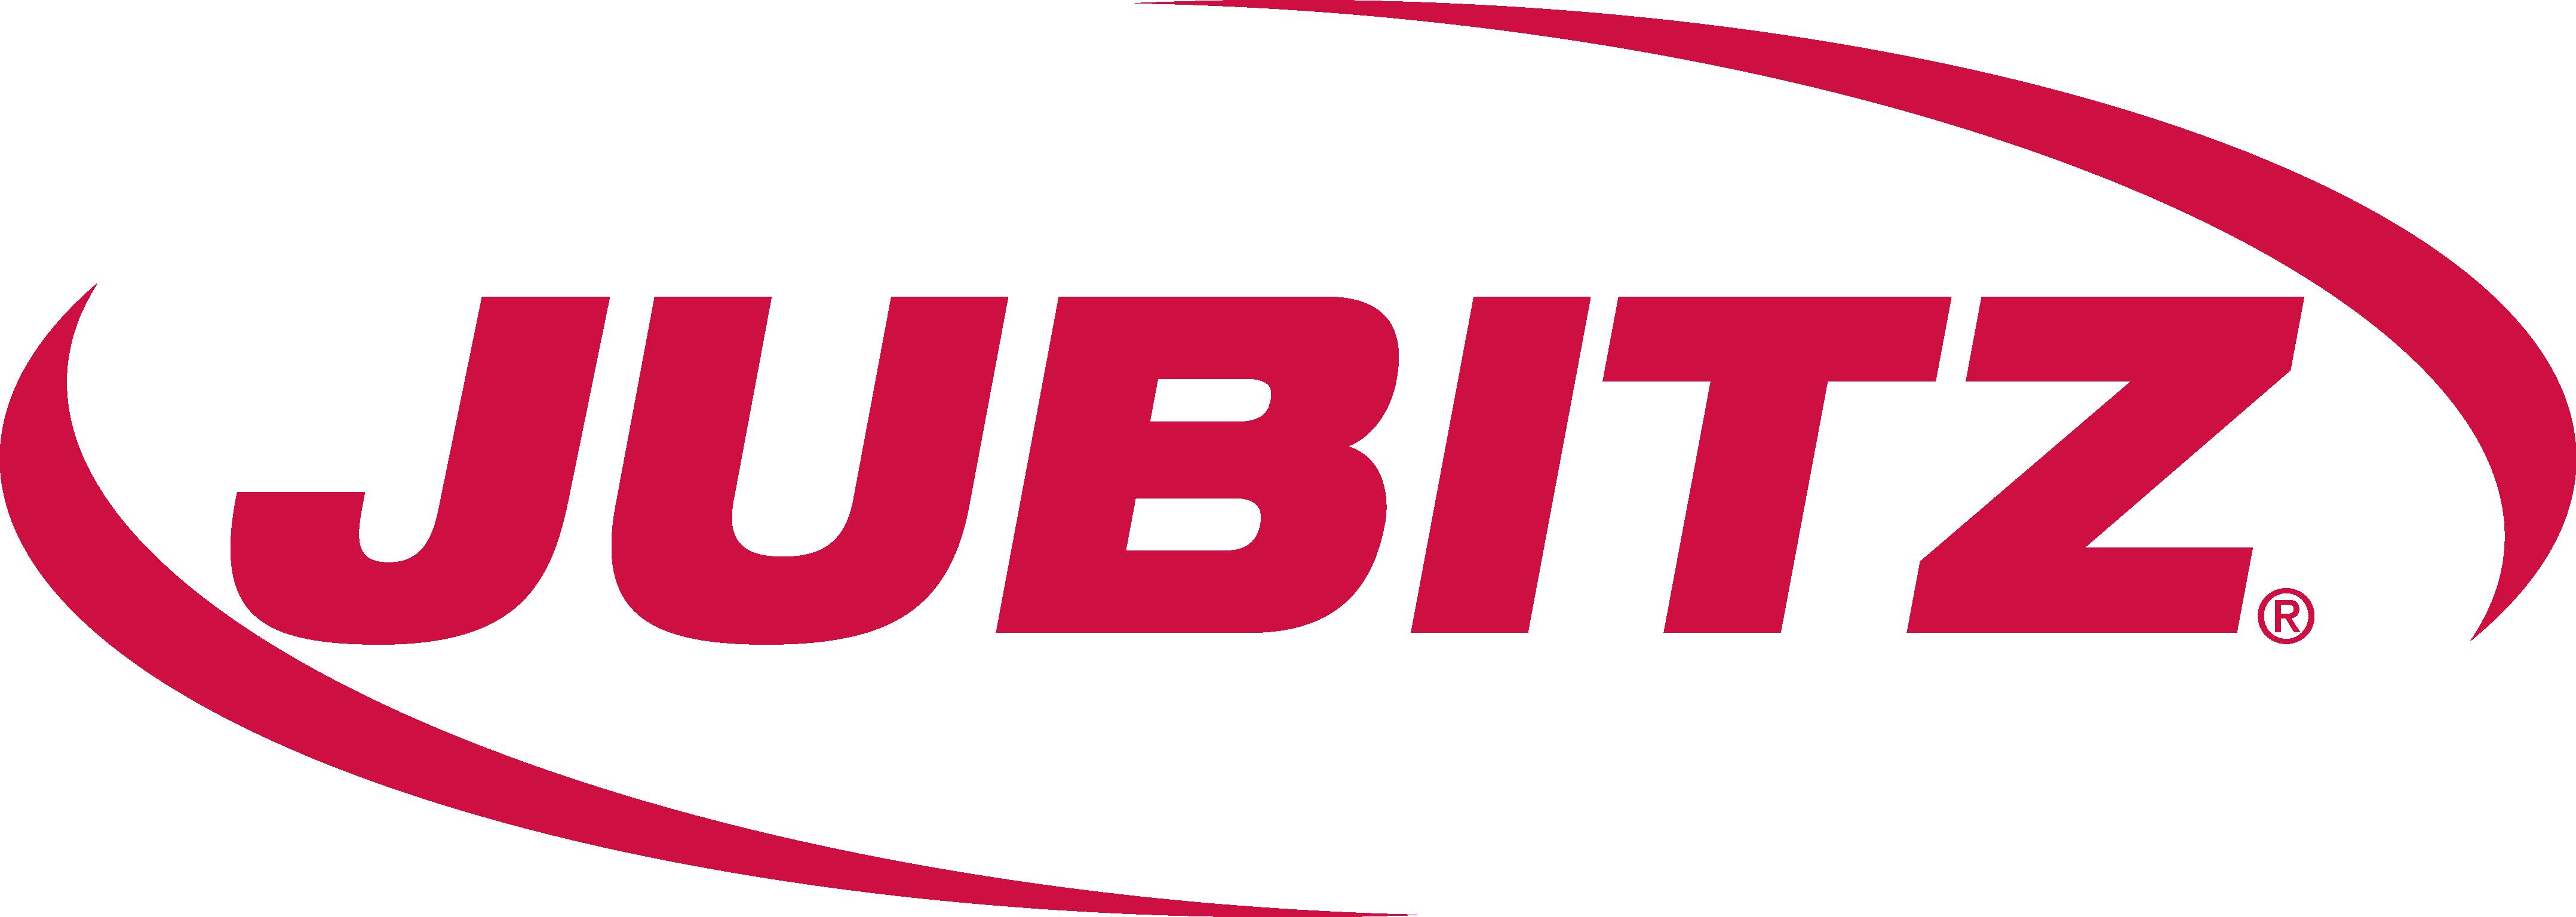 Jubitz Corporation Company Logo